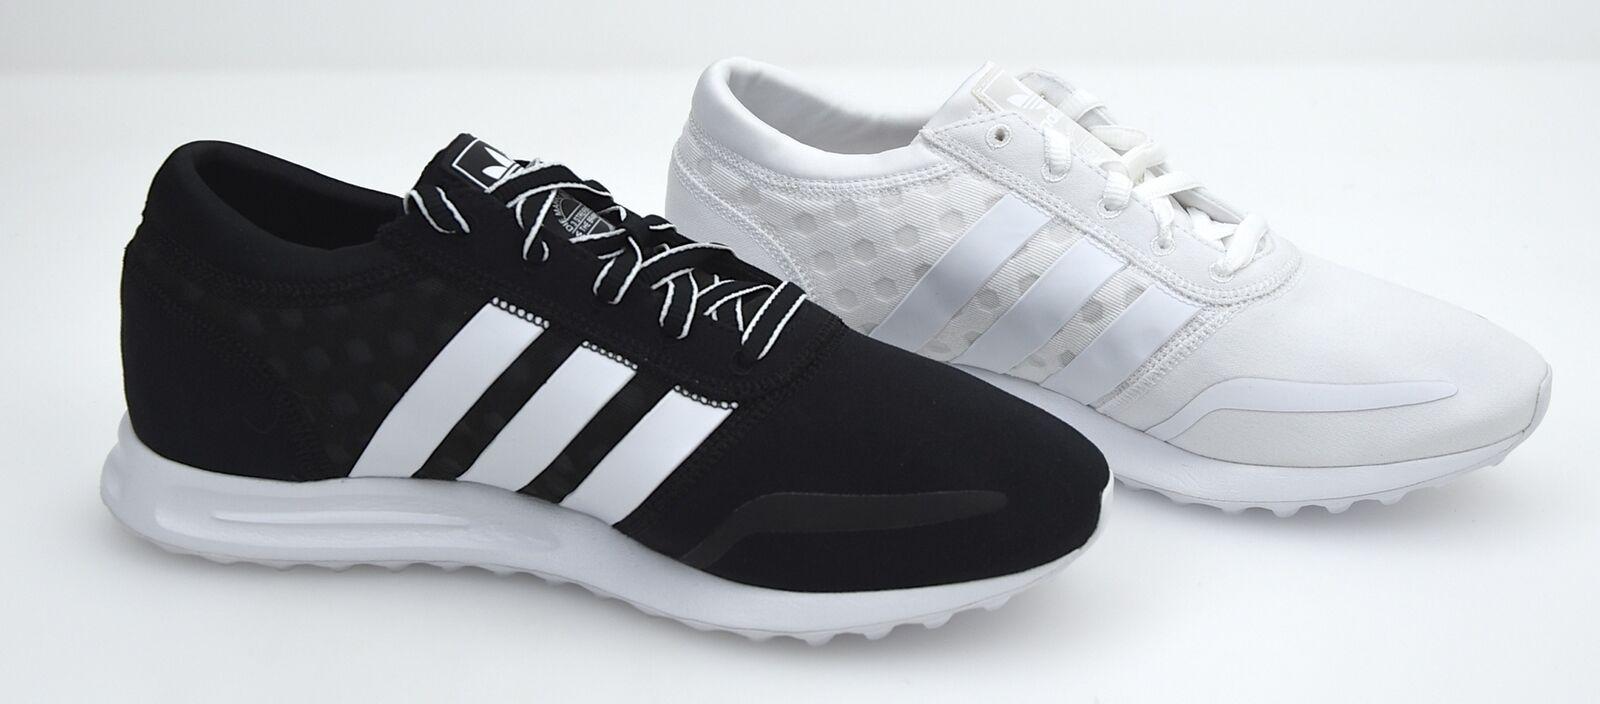 Adidas zapatillas tipo. señora zapatos casuales zapatillas negro/ blanco o tipo. zapatillas los angeles W 22014f